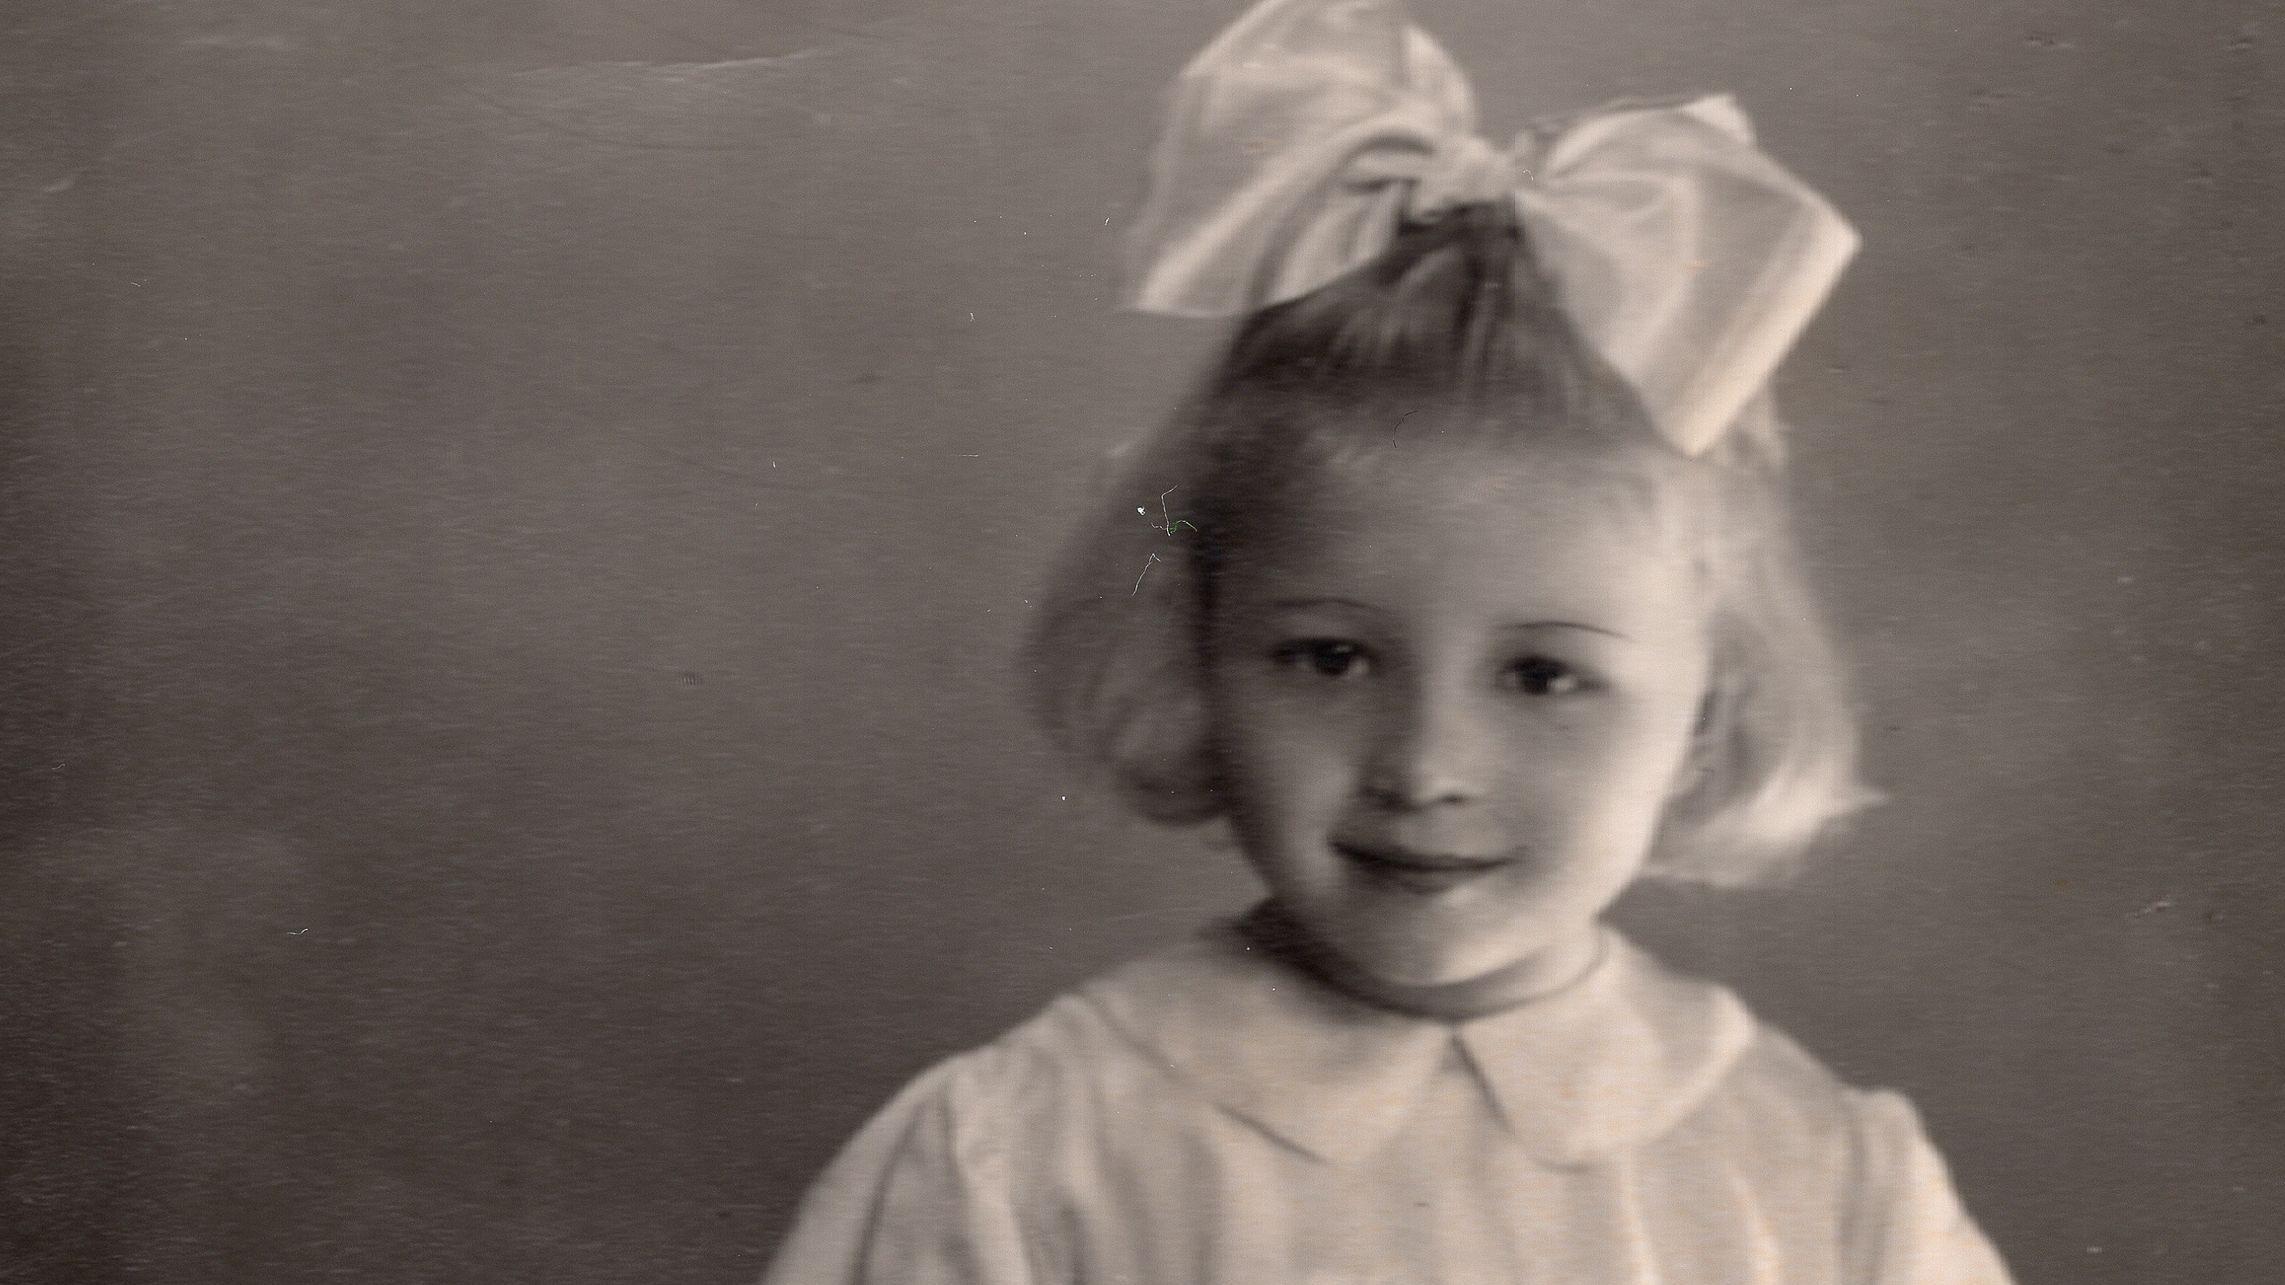 Gerettet und aufgenommen: Zofia Wareluk mit 3 Jahren. Geboren wurde sie am 13. Januar 1945 im Vernichtungslager Auschwitz-Birkenau. © Zofia Wareluk/Archiv Alwin Meyer